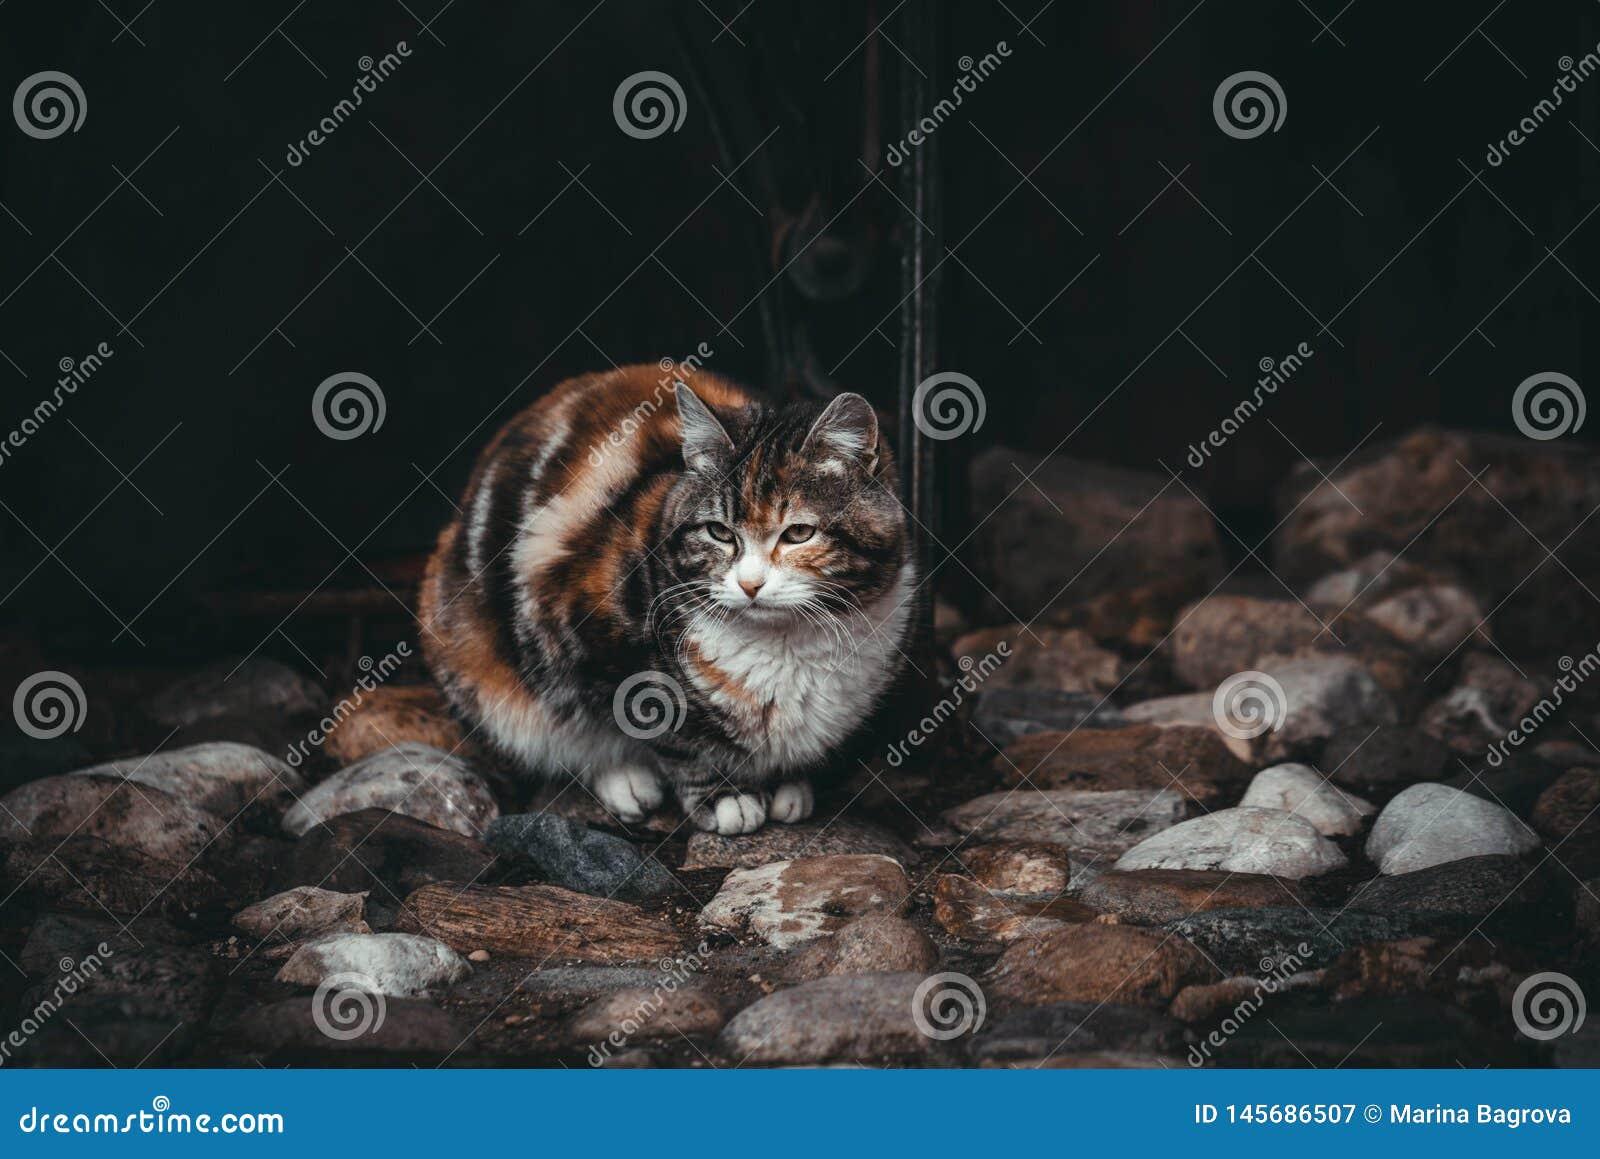 Λυπημένη γάτα σε ένα μαύρο υπόβαθρο Αναμονή τον ιδιοκτήτη Όμορφη ζωηρόχρωμη γάτα στις ζωηρόχρωμες πέτρες Γάτες οδών